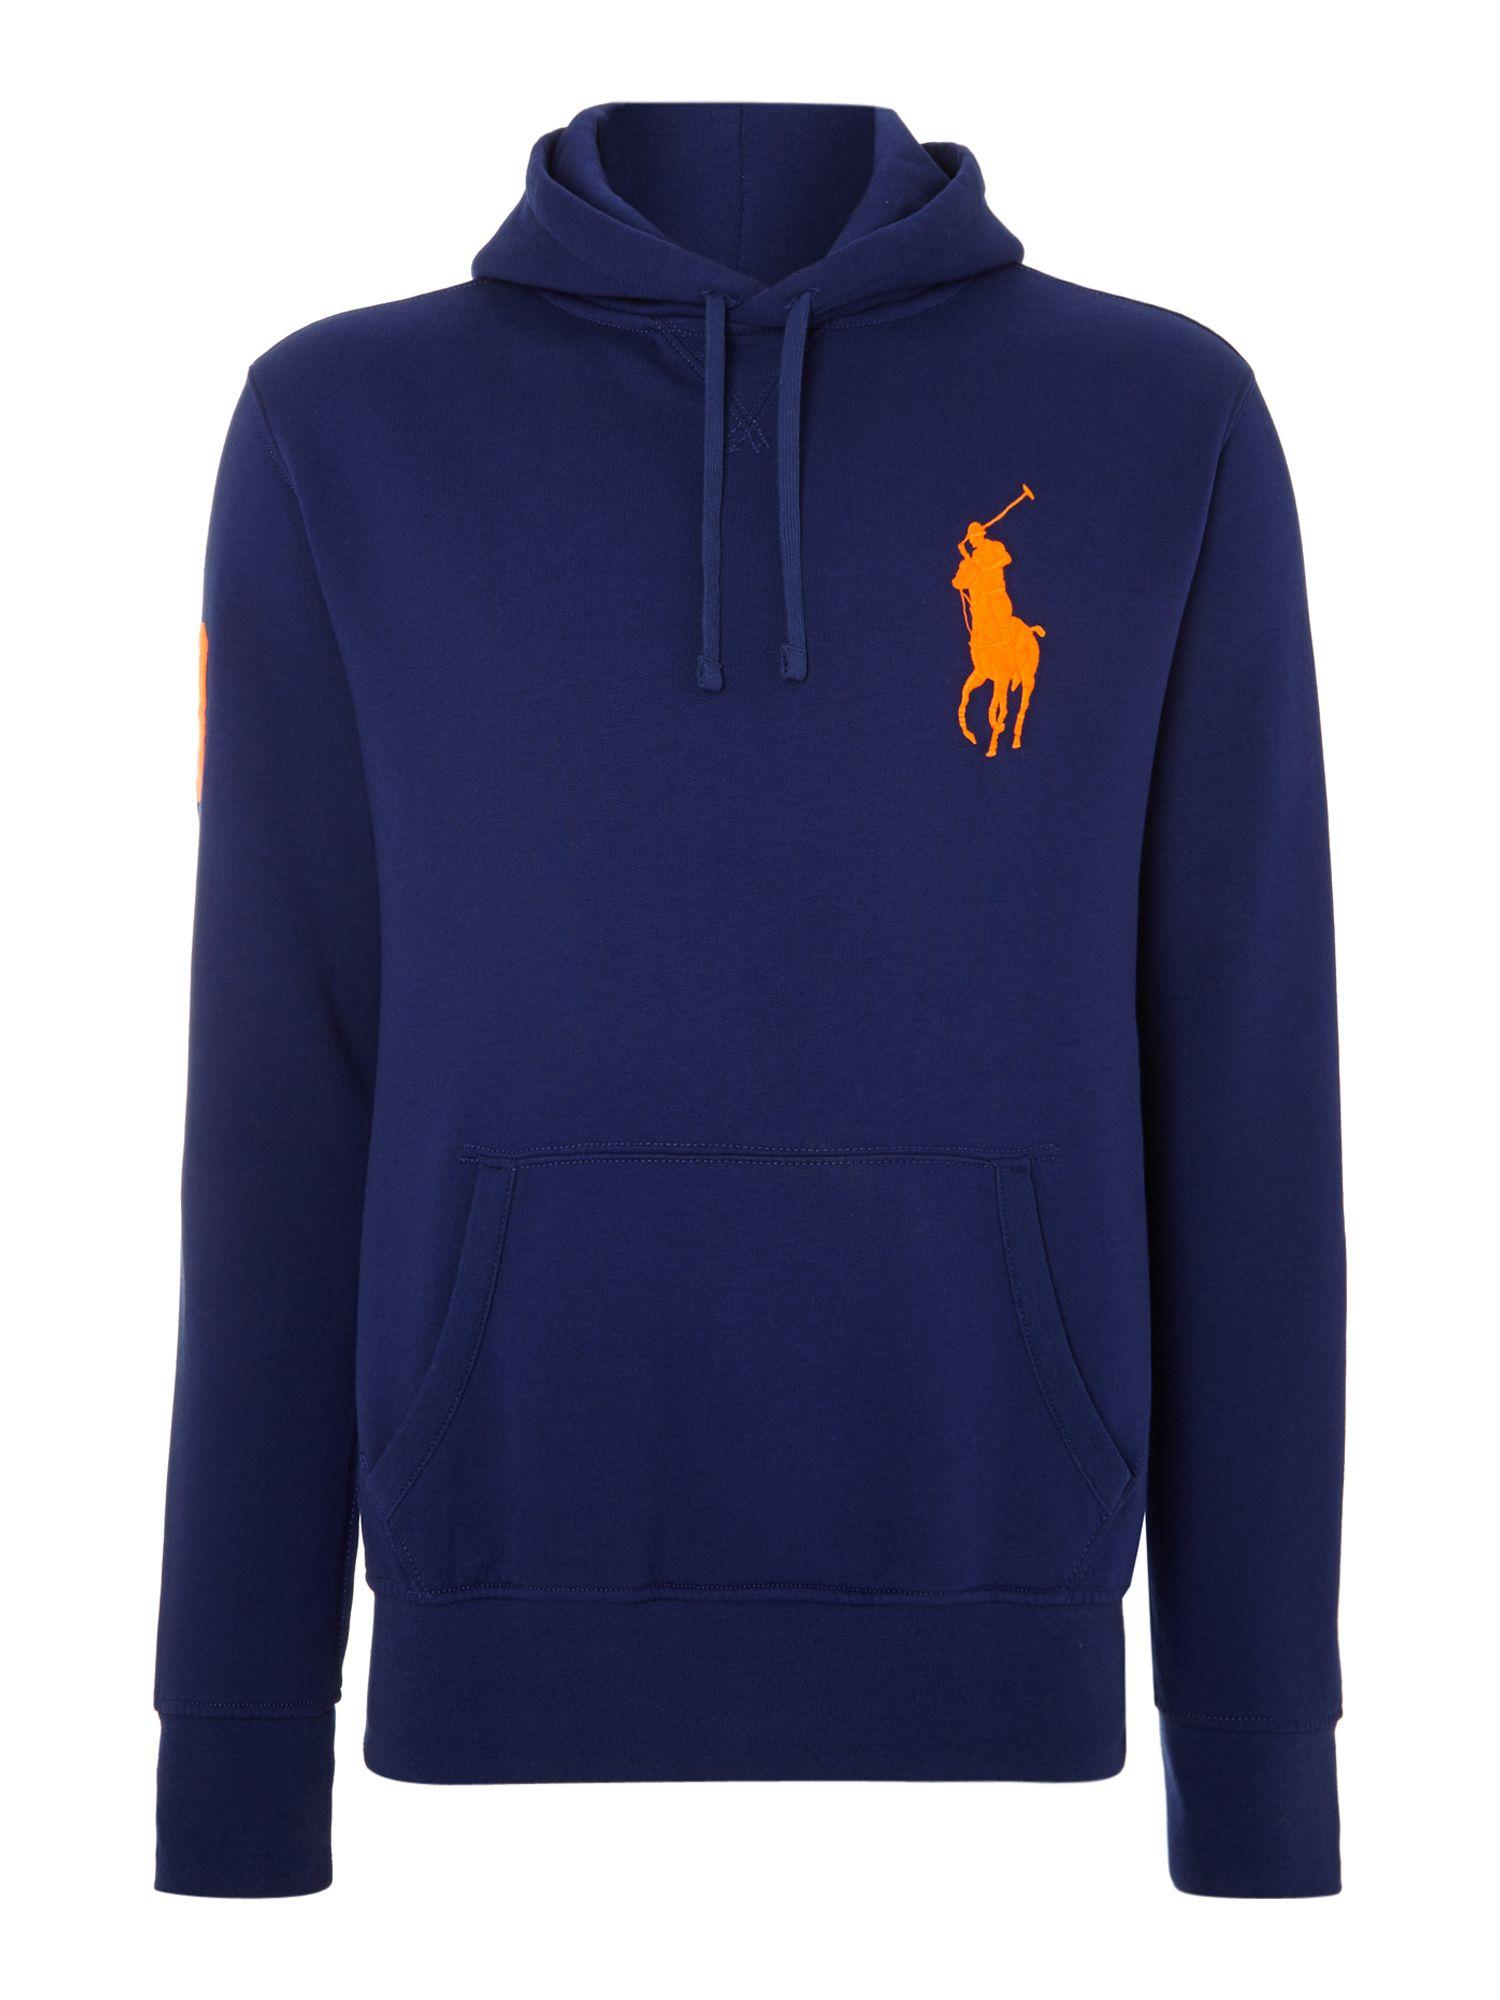 Polo Ralph Lauren. Blue Big Pony Player Fleece Hooded Sweatshirt